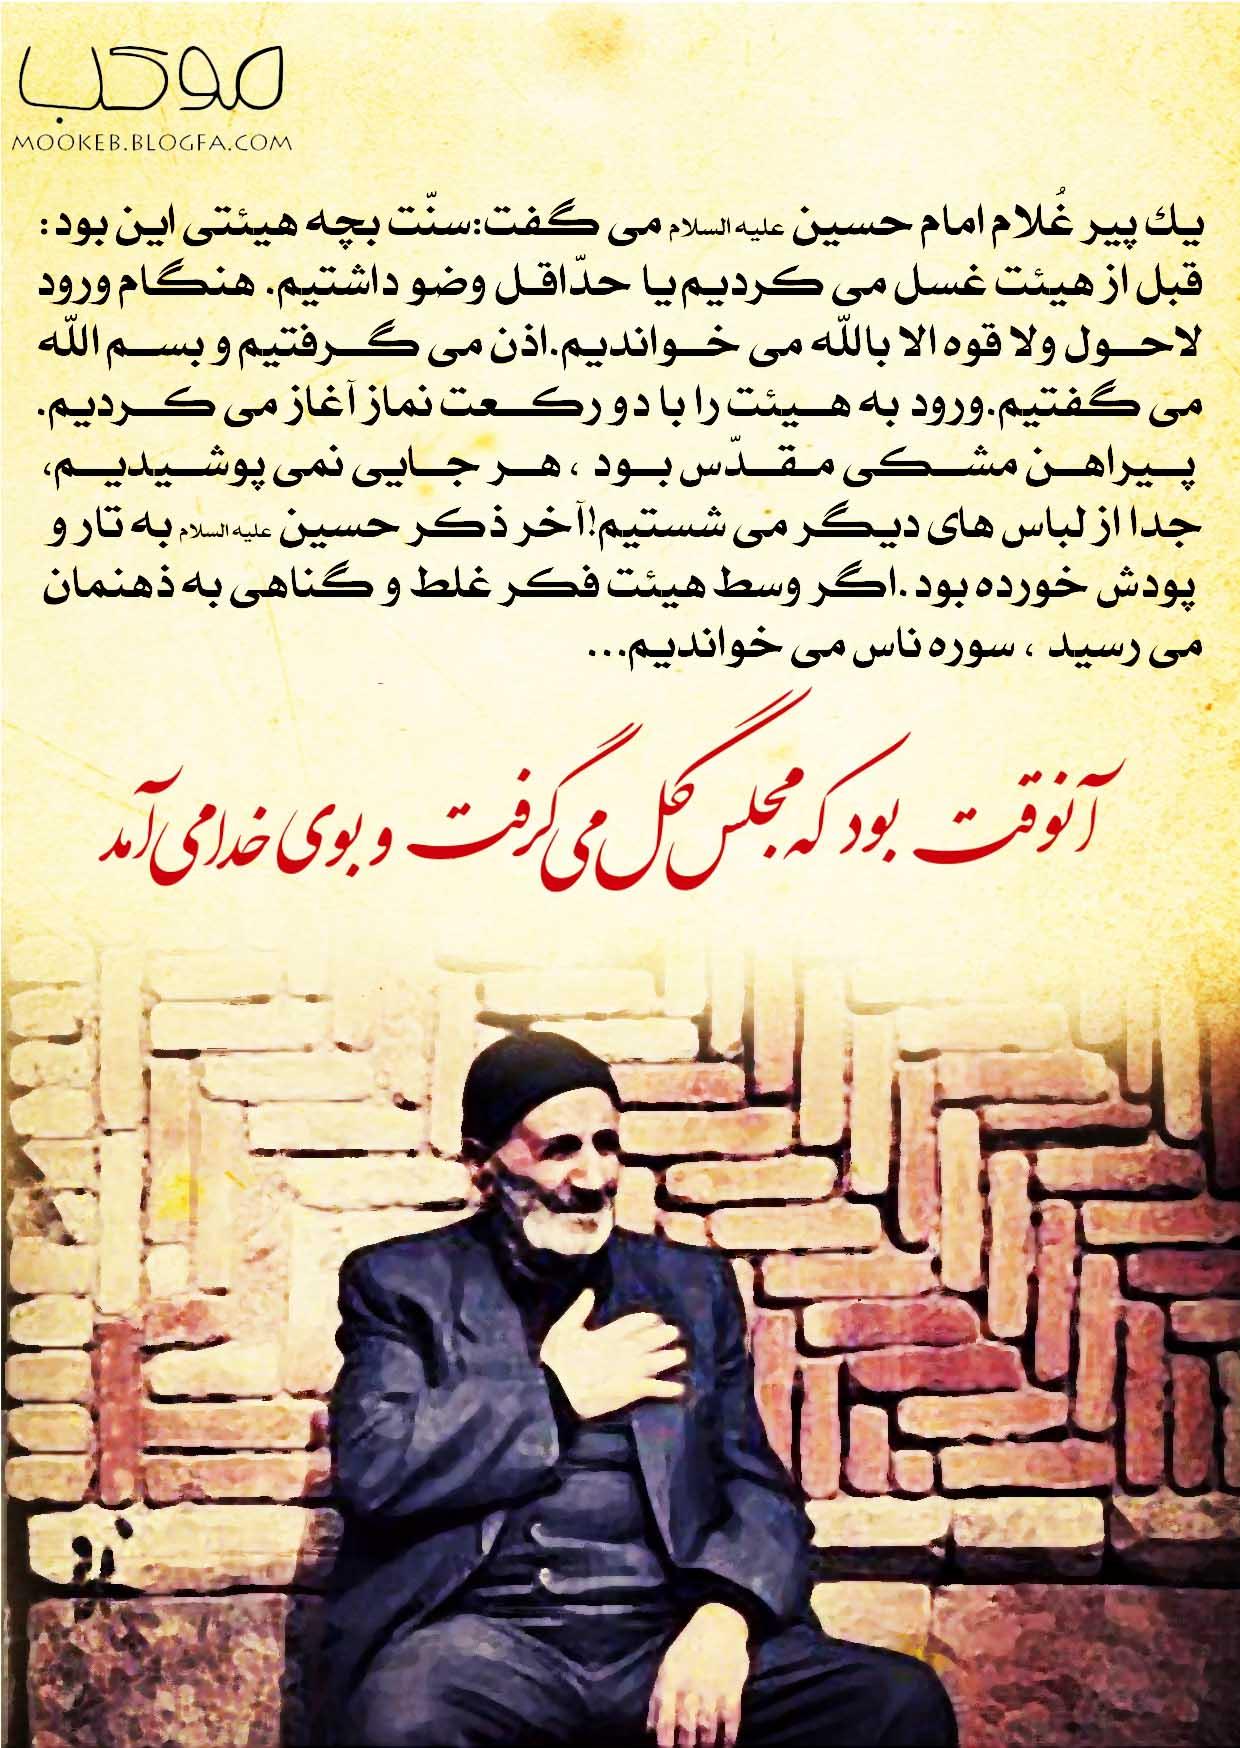 دلنوشته عزاداری دلچسب امام حسین(ع)